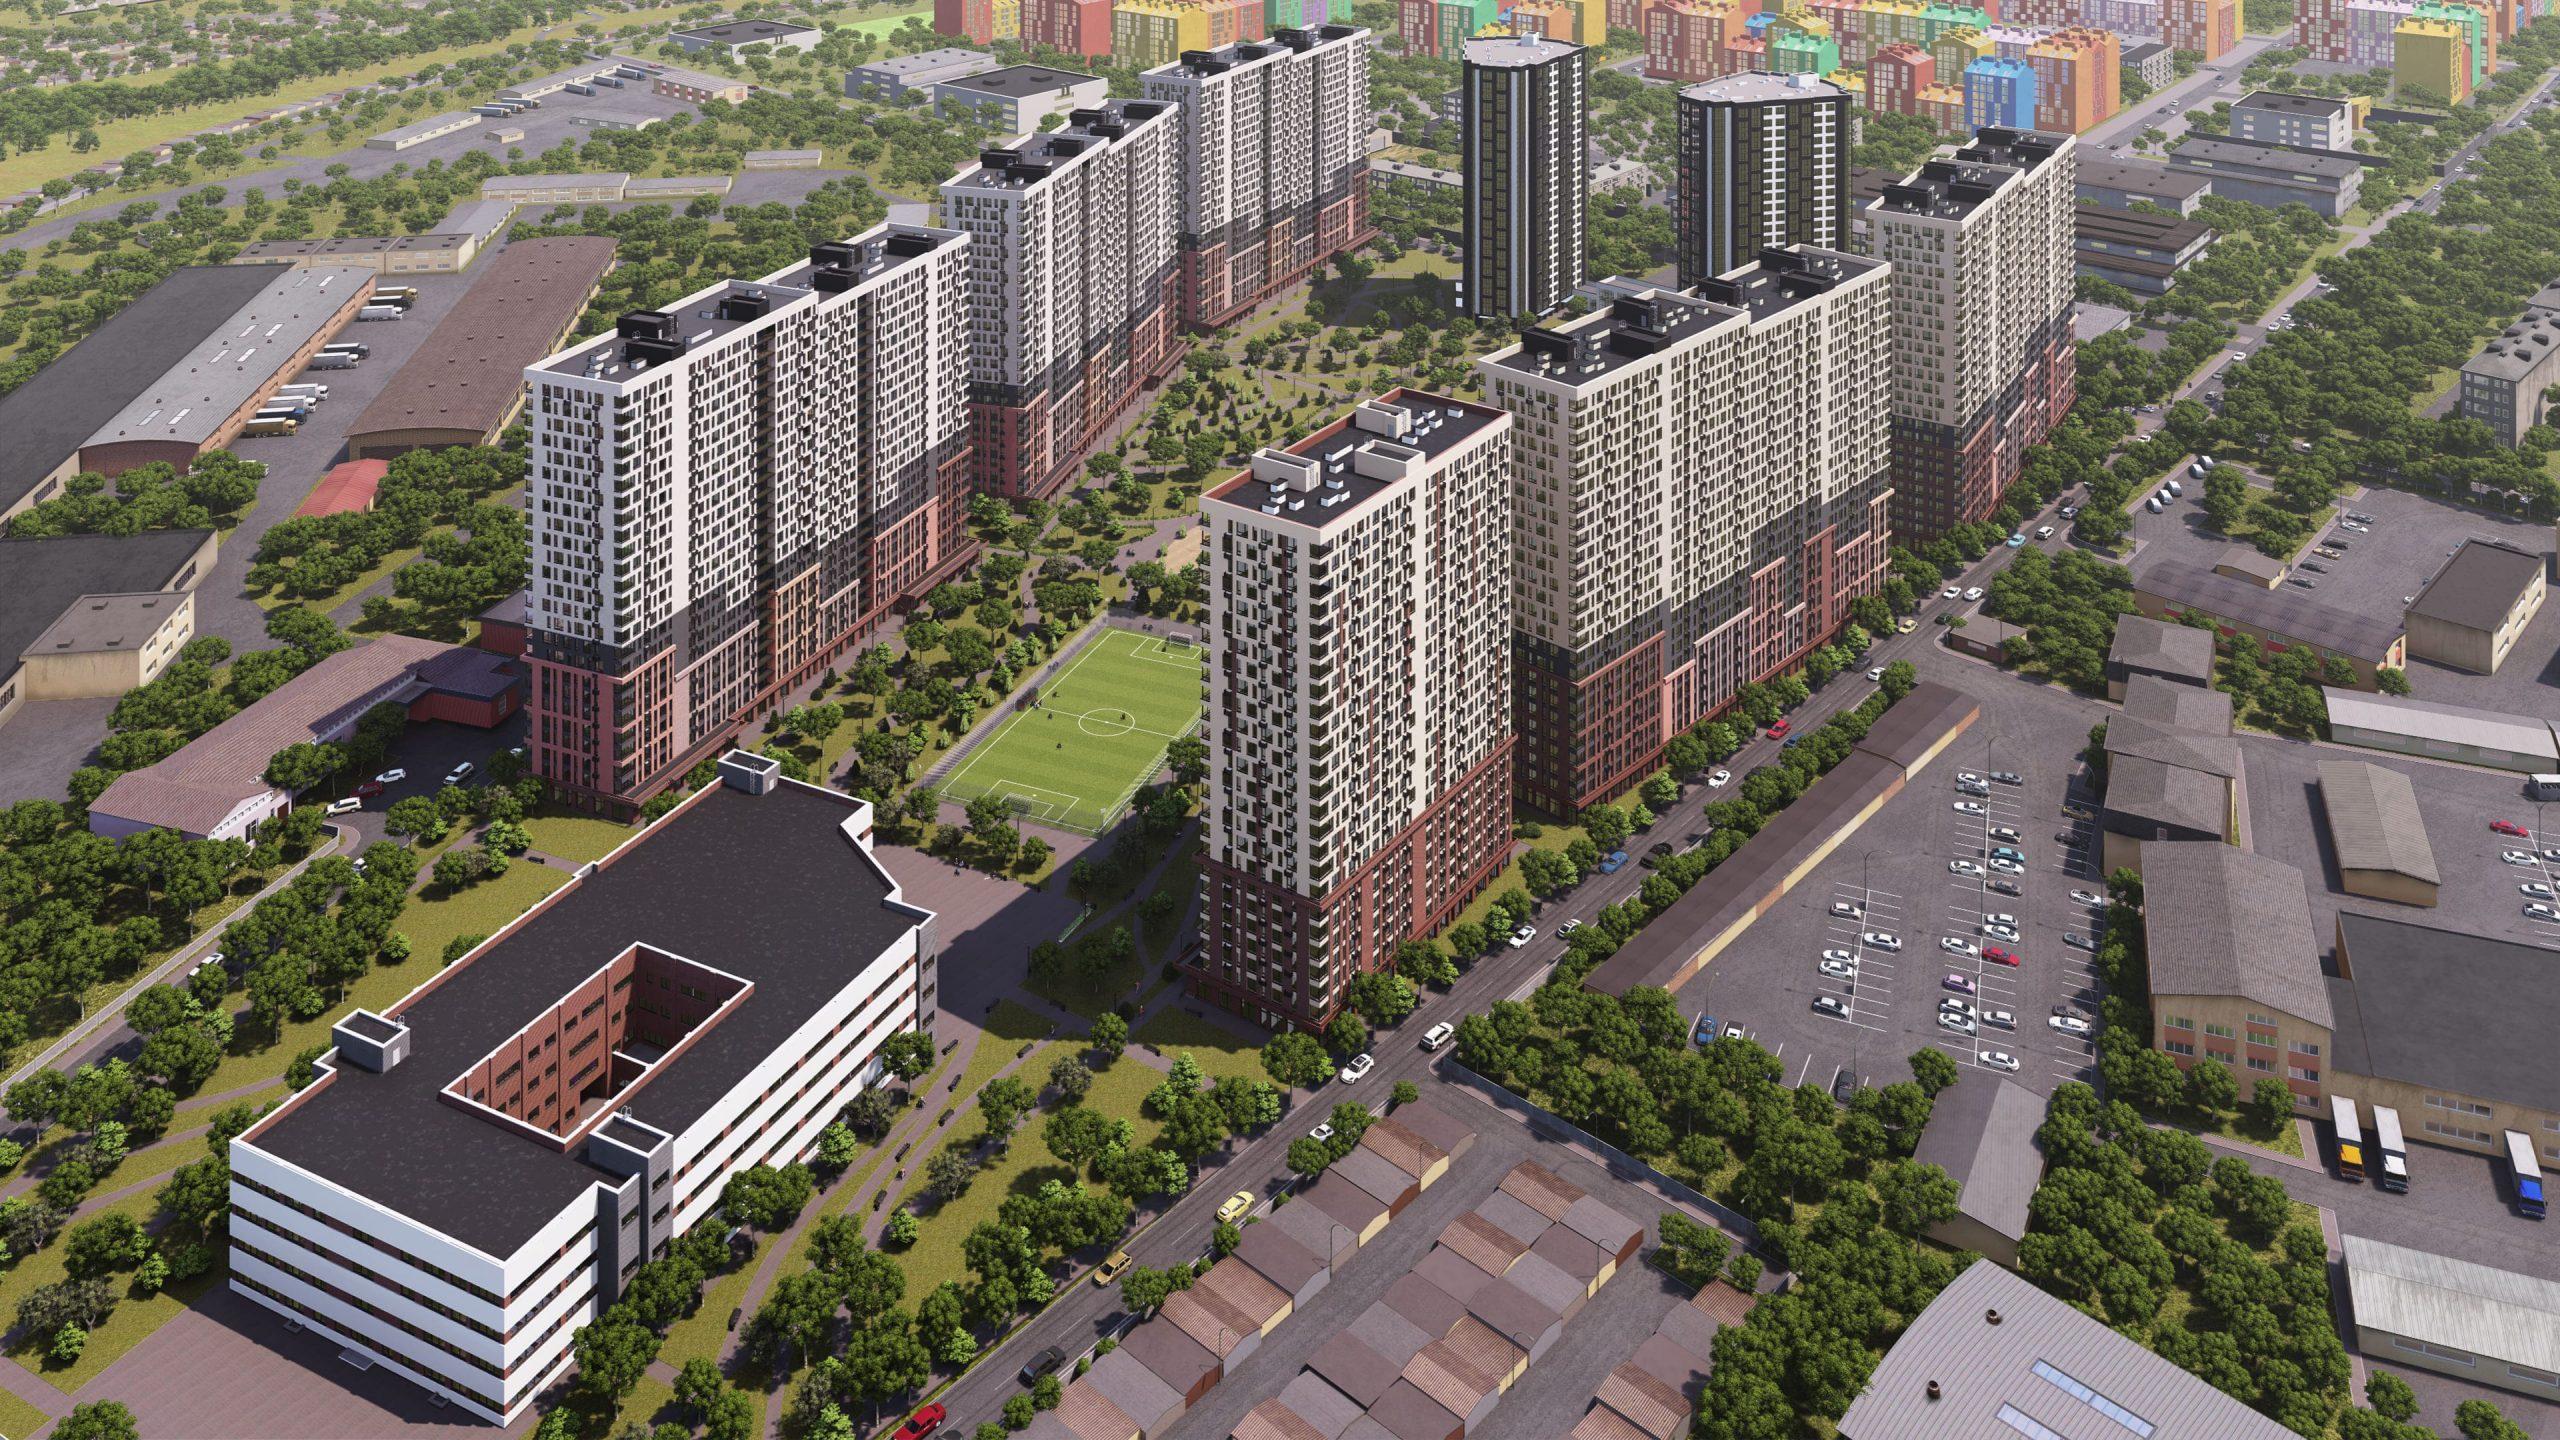 Підвищення цін для інвесторів в житловому комплексі Star City від компанії BudCapital